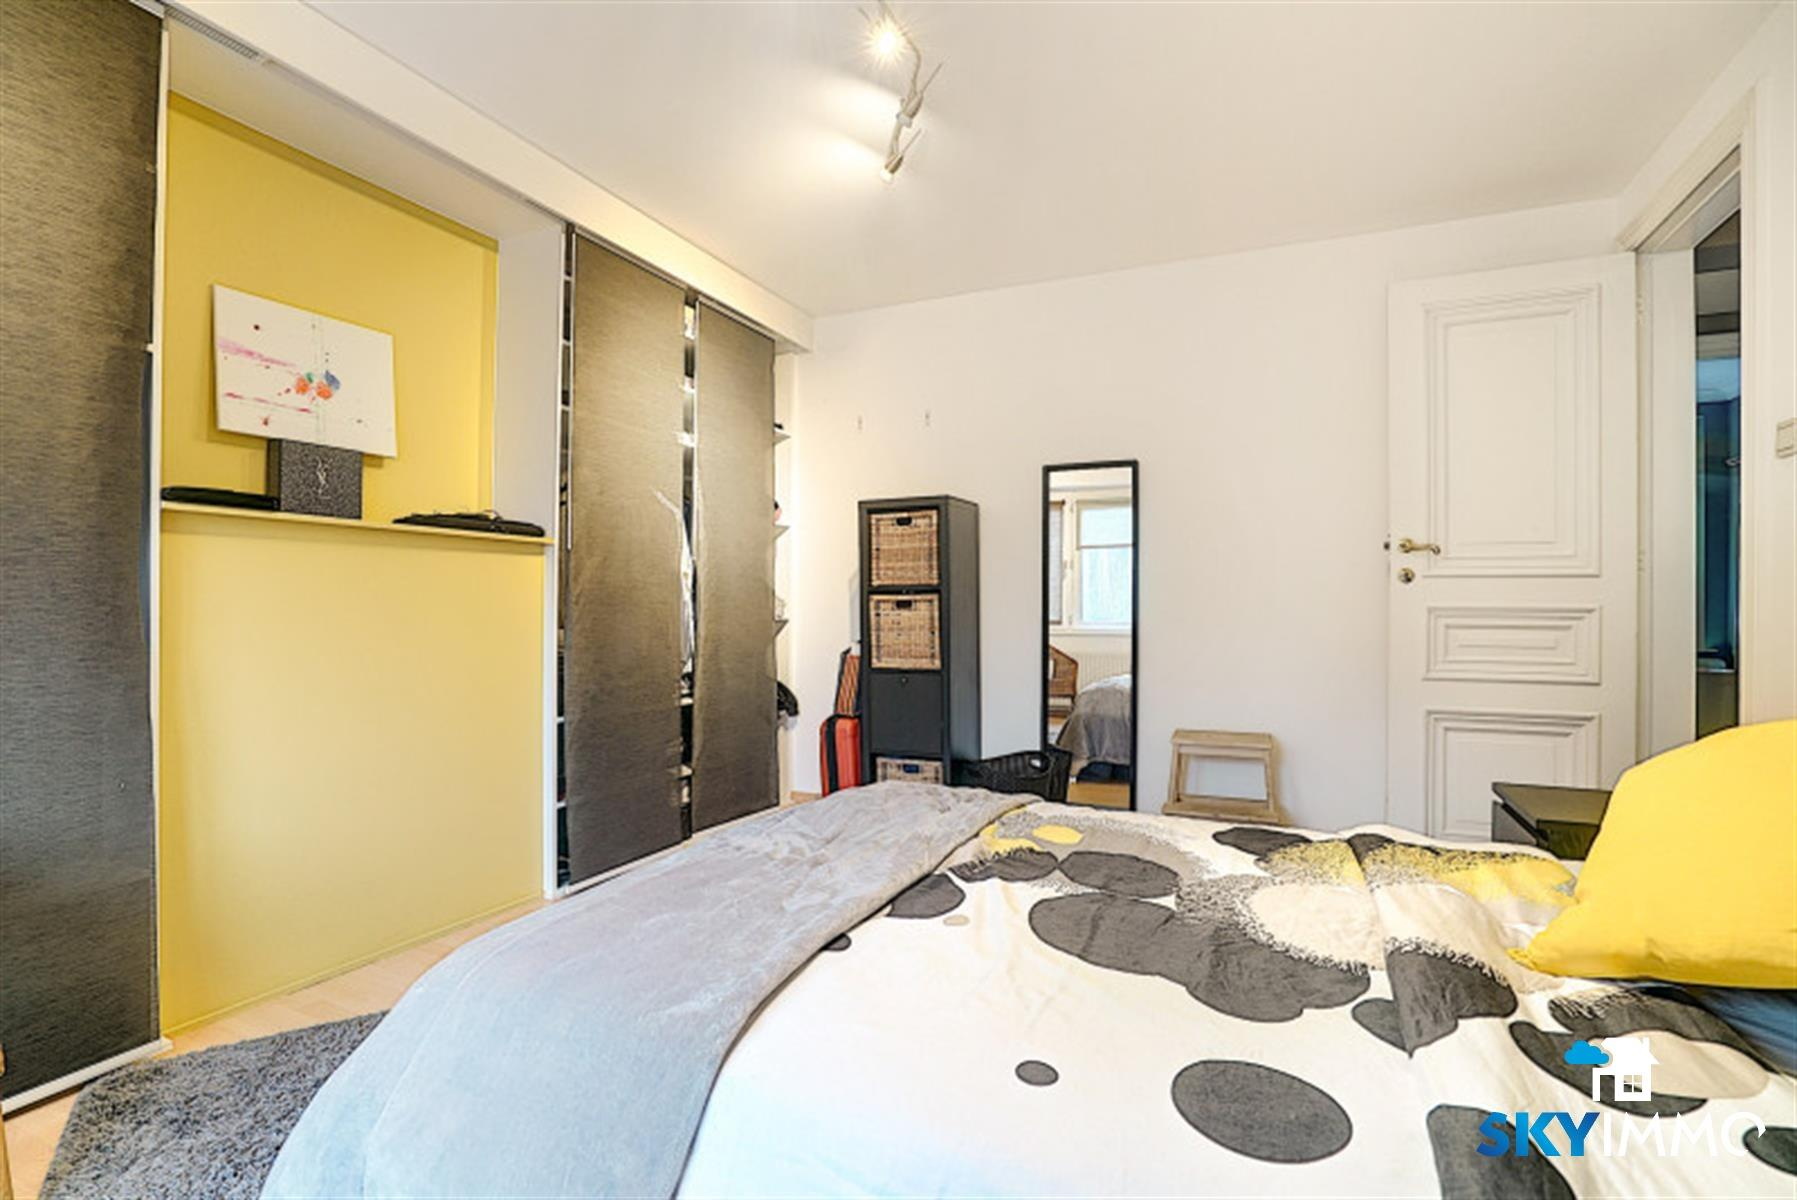 Maison - Liège - #4245744-47